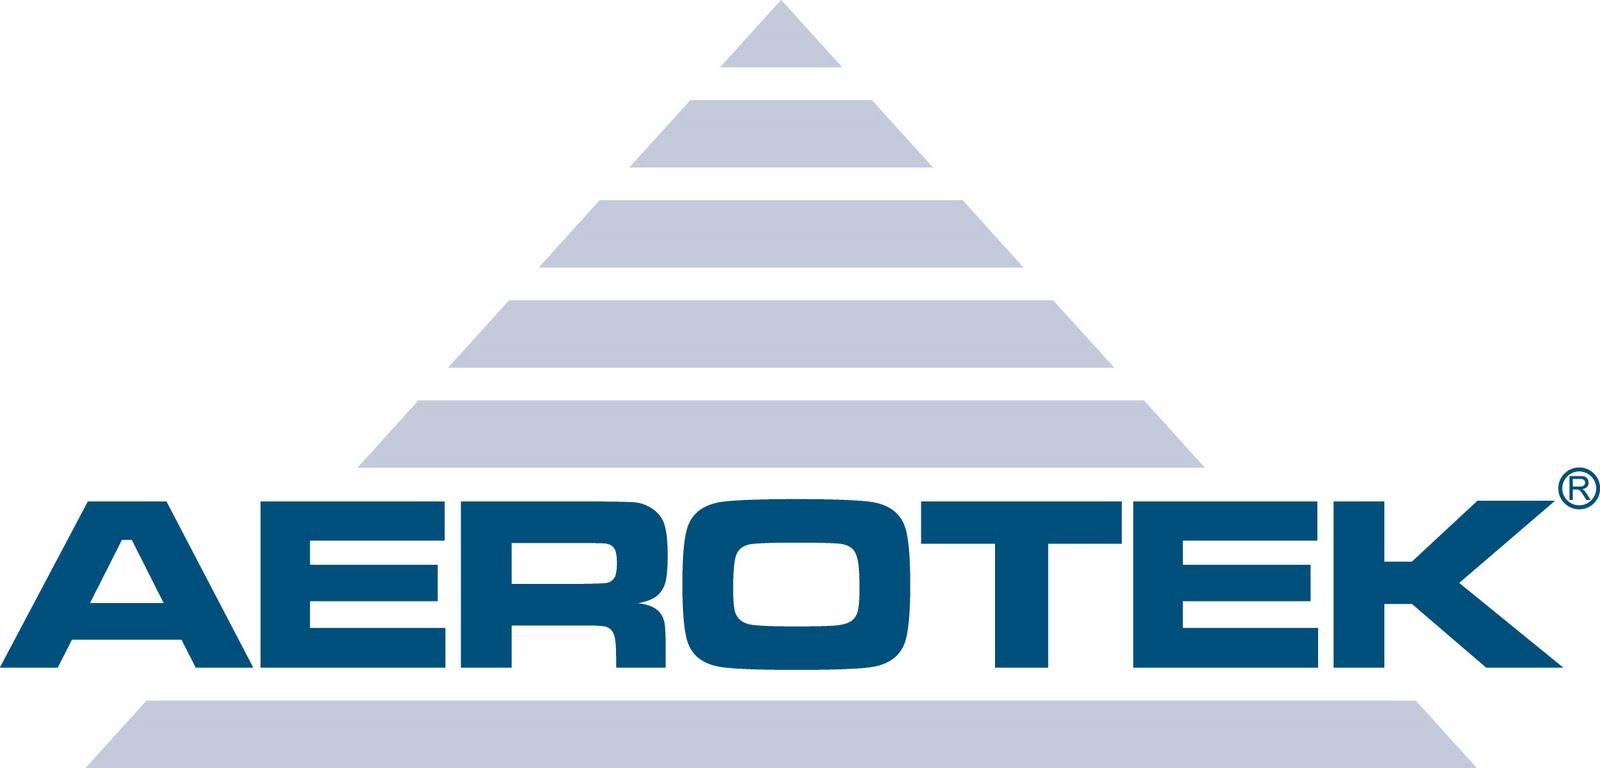 Aerotek Job Openings Job Amp Career News From The Memphis